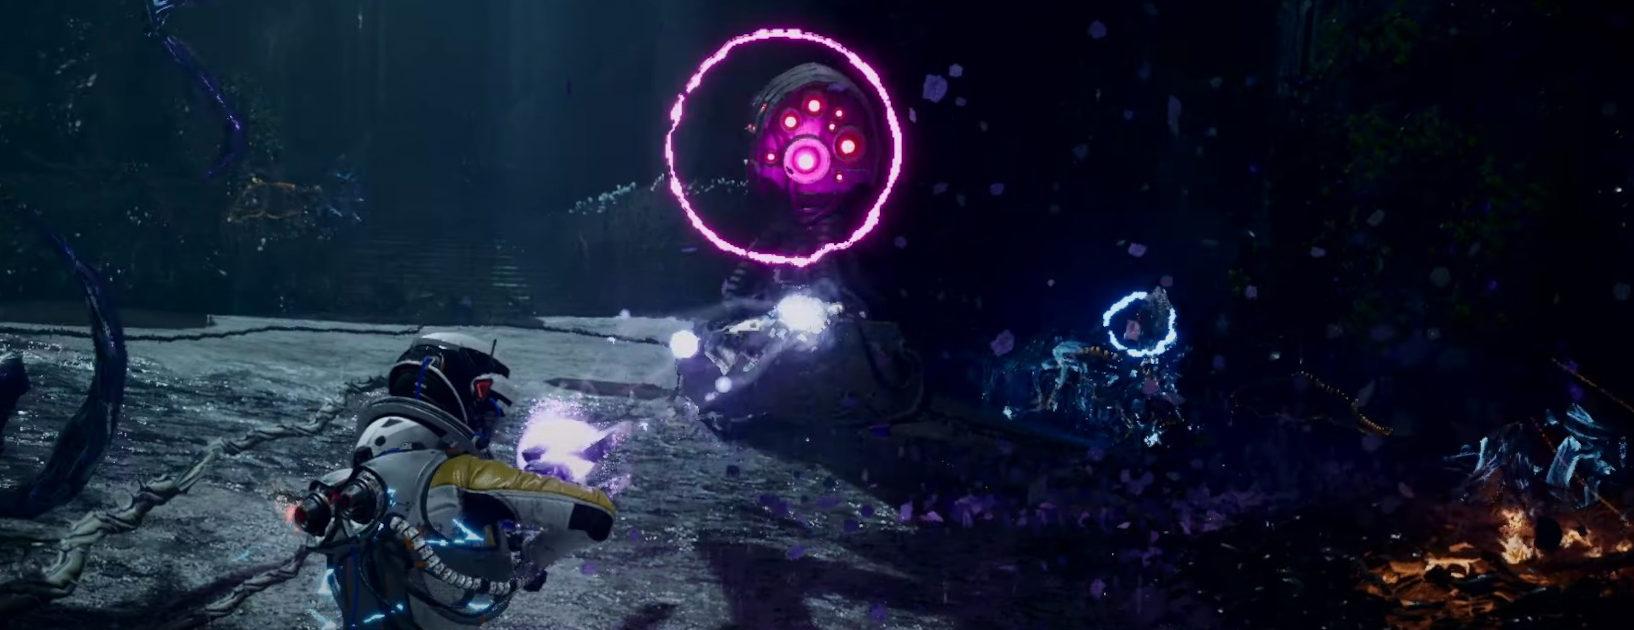 Разработчики Returnal объяснили, как в игре будут работать адаптивные триггеры DualSense